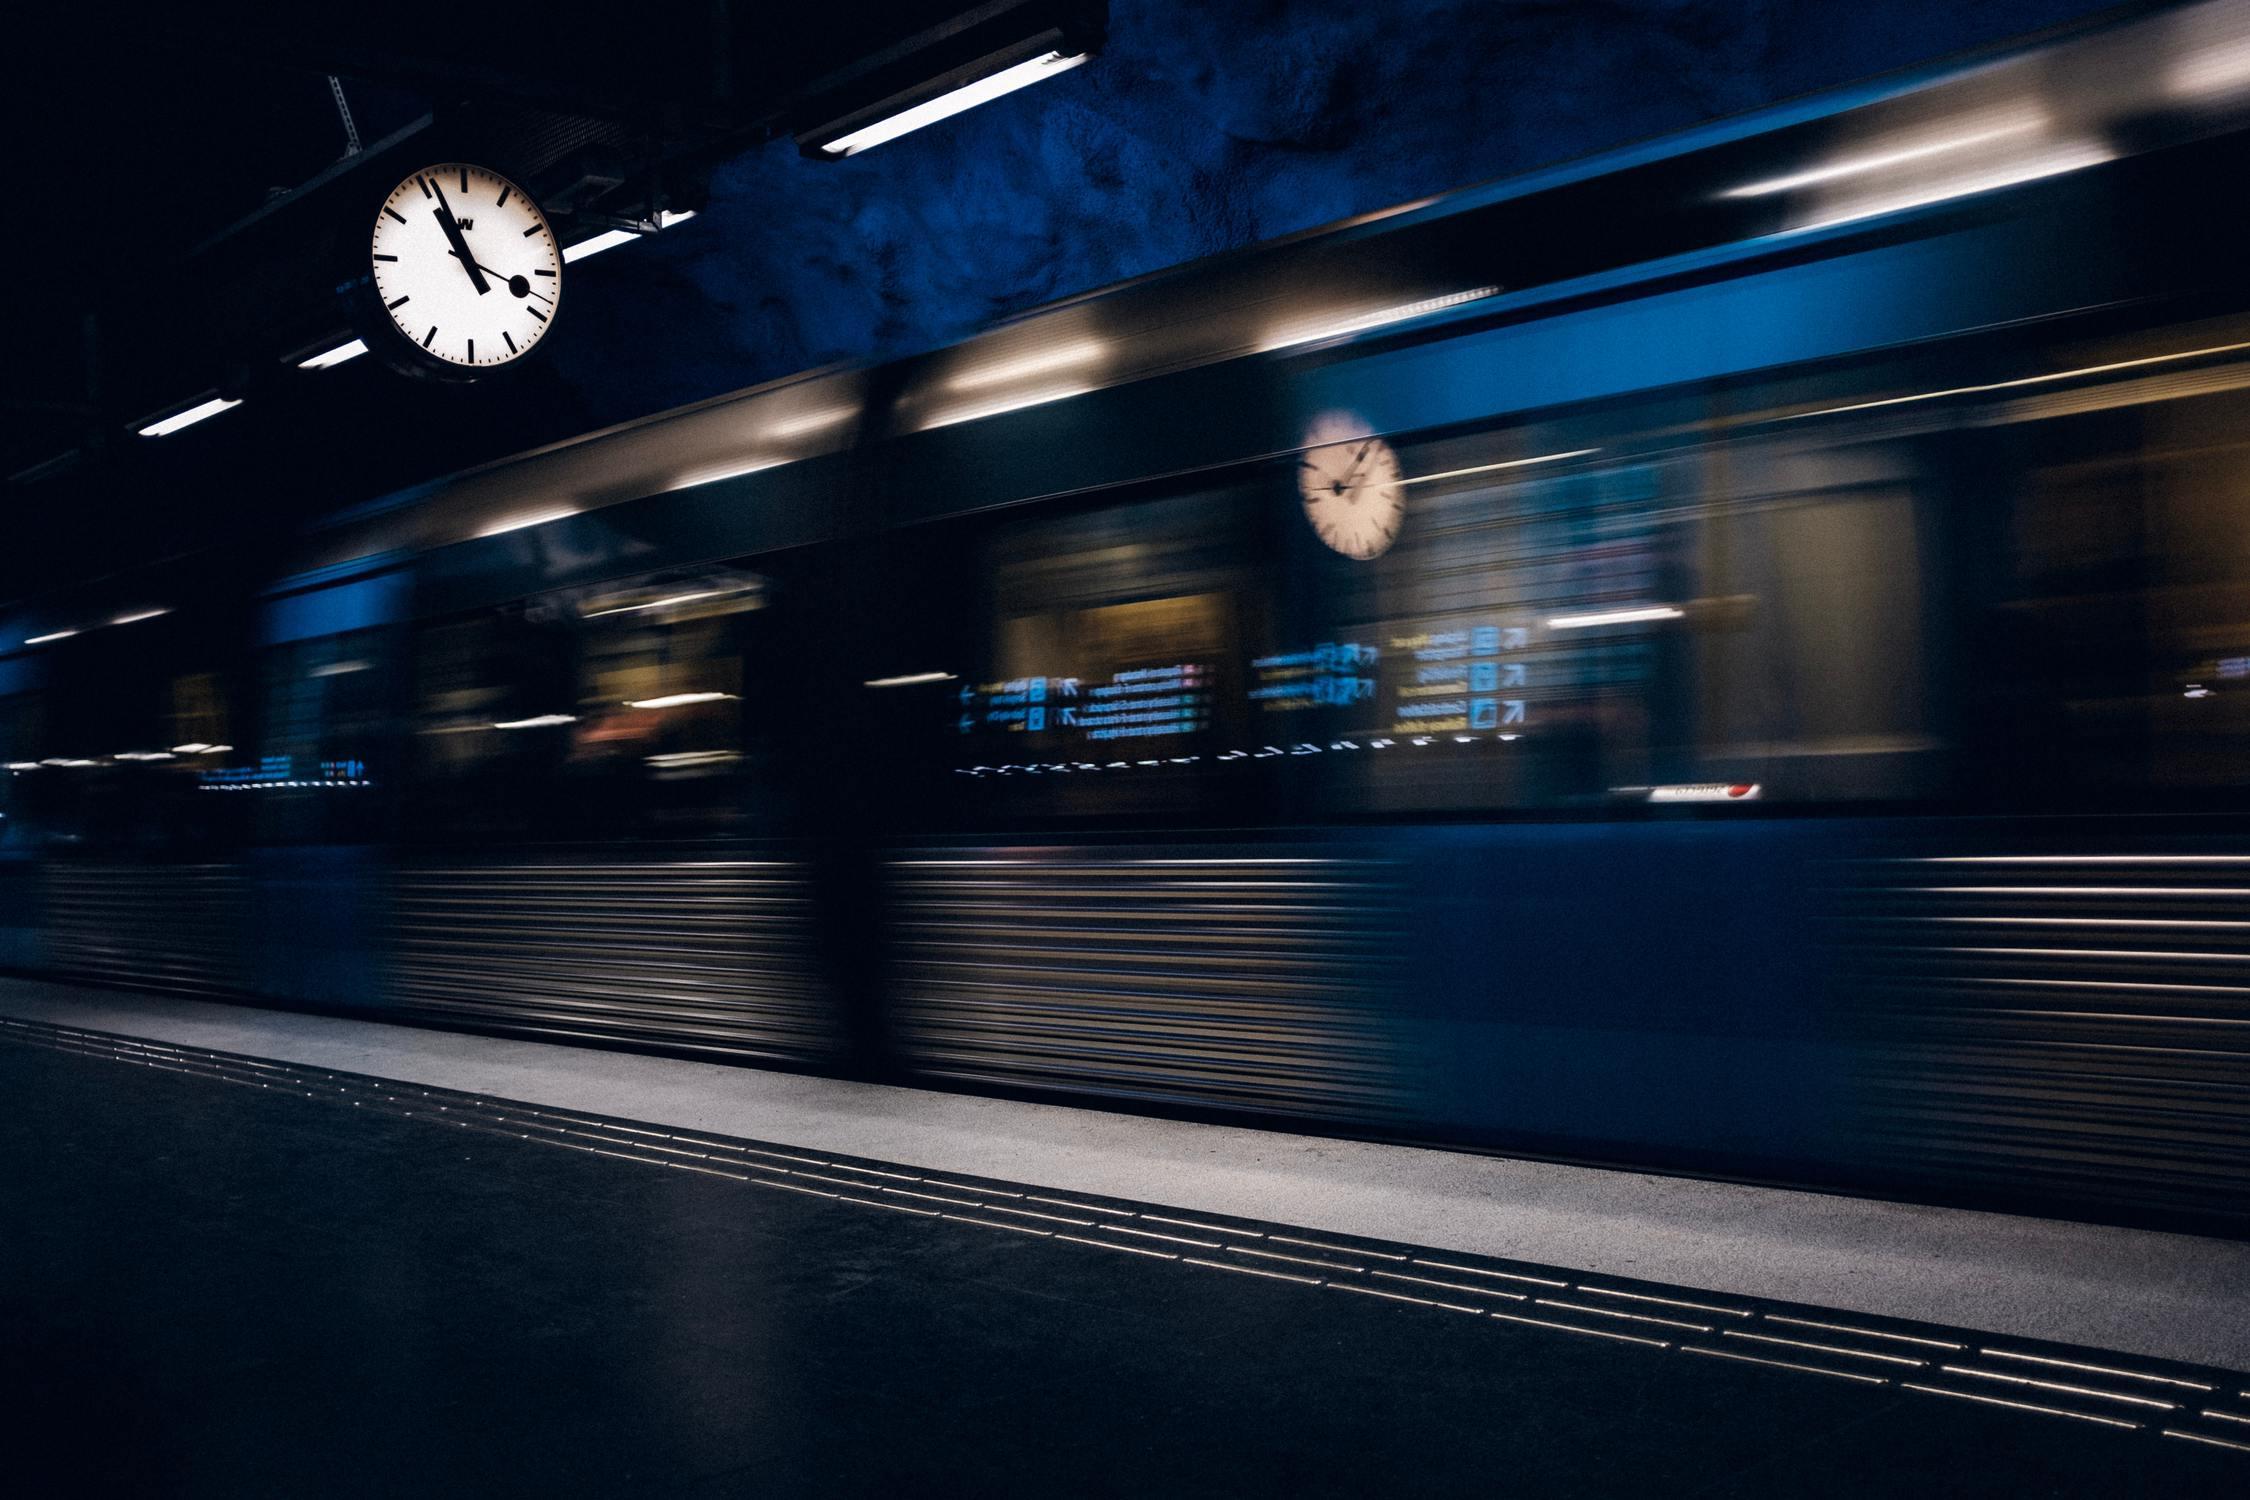 Bei den Bahnsteiguhren handelt es sich um sogenannte Minutensprunguhren.